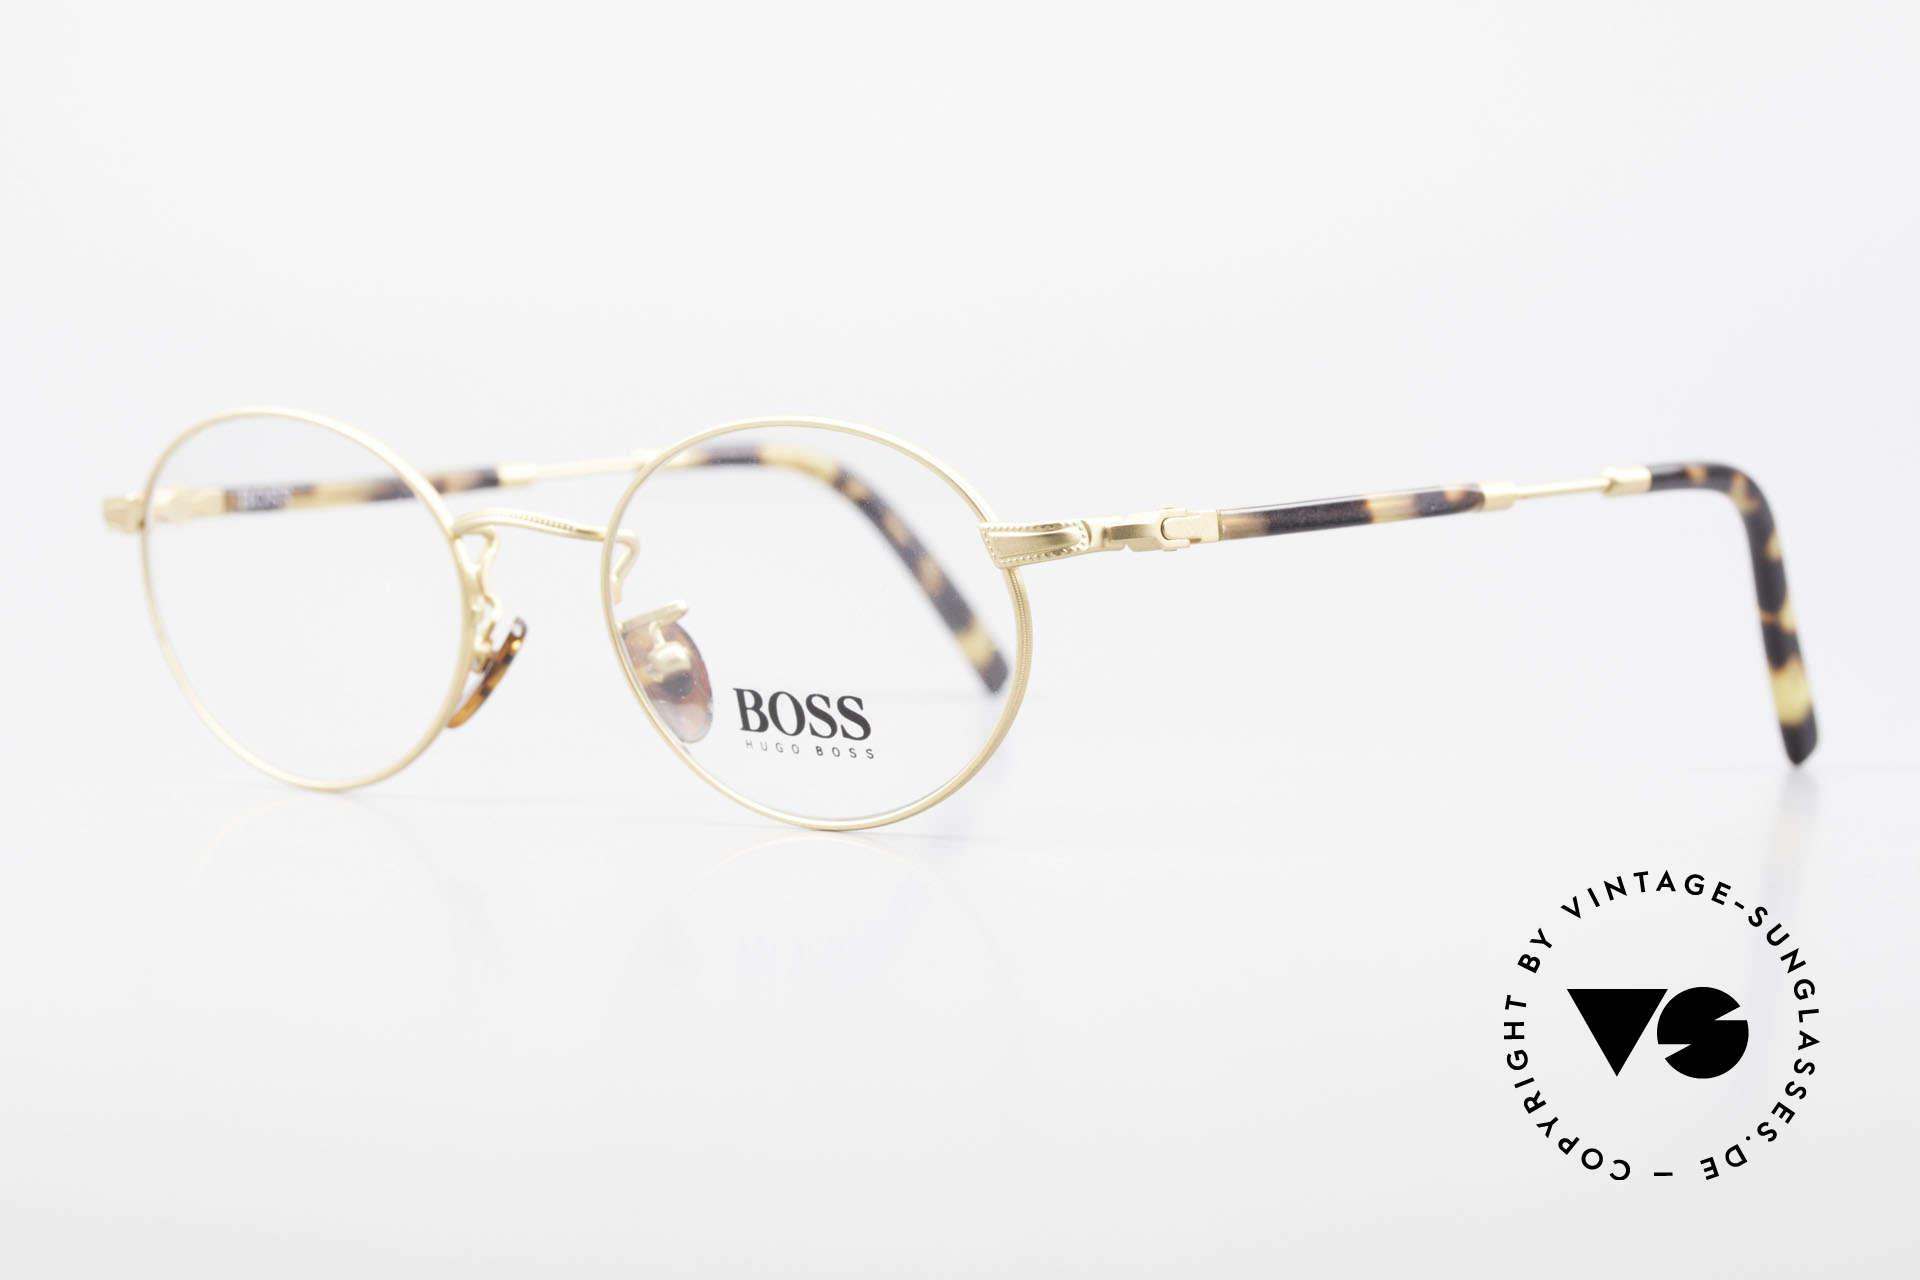 BOSS 5139 Ovale Panto Style Fassung, sehr elegante Farbkombination: schildpatt / mattgold, Passend für Herren und Damen